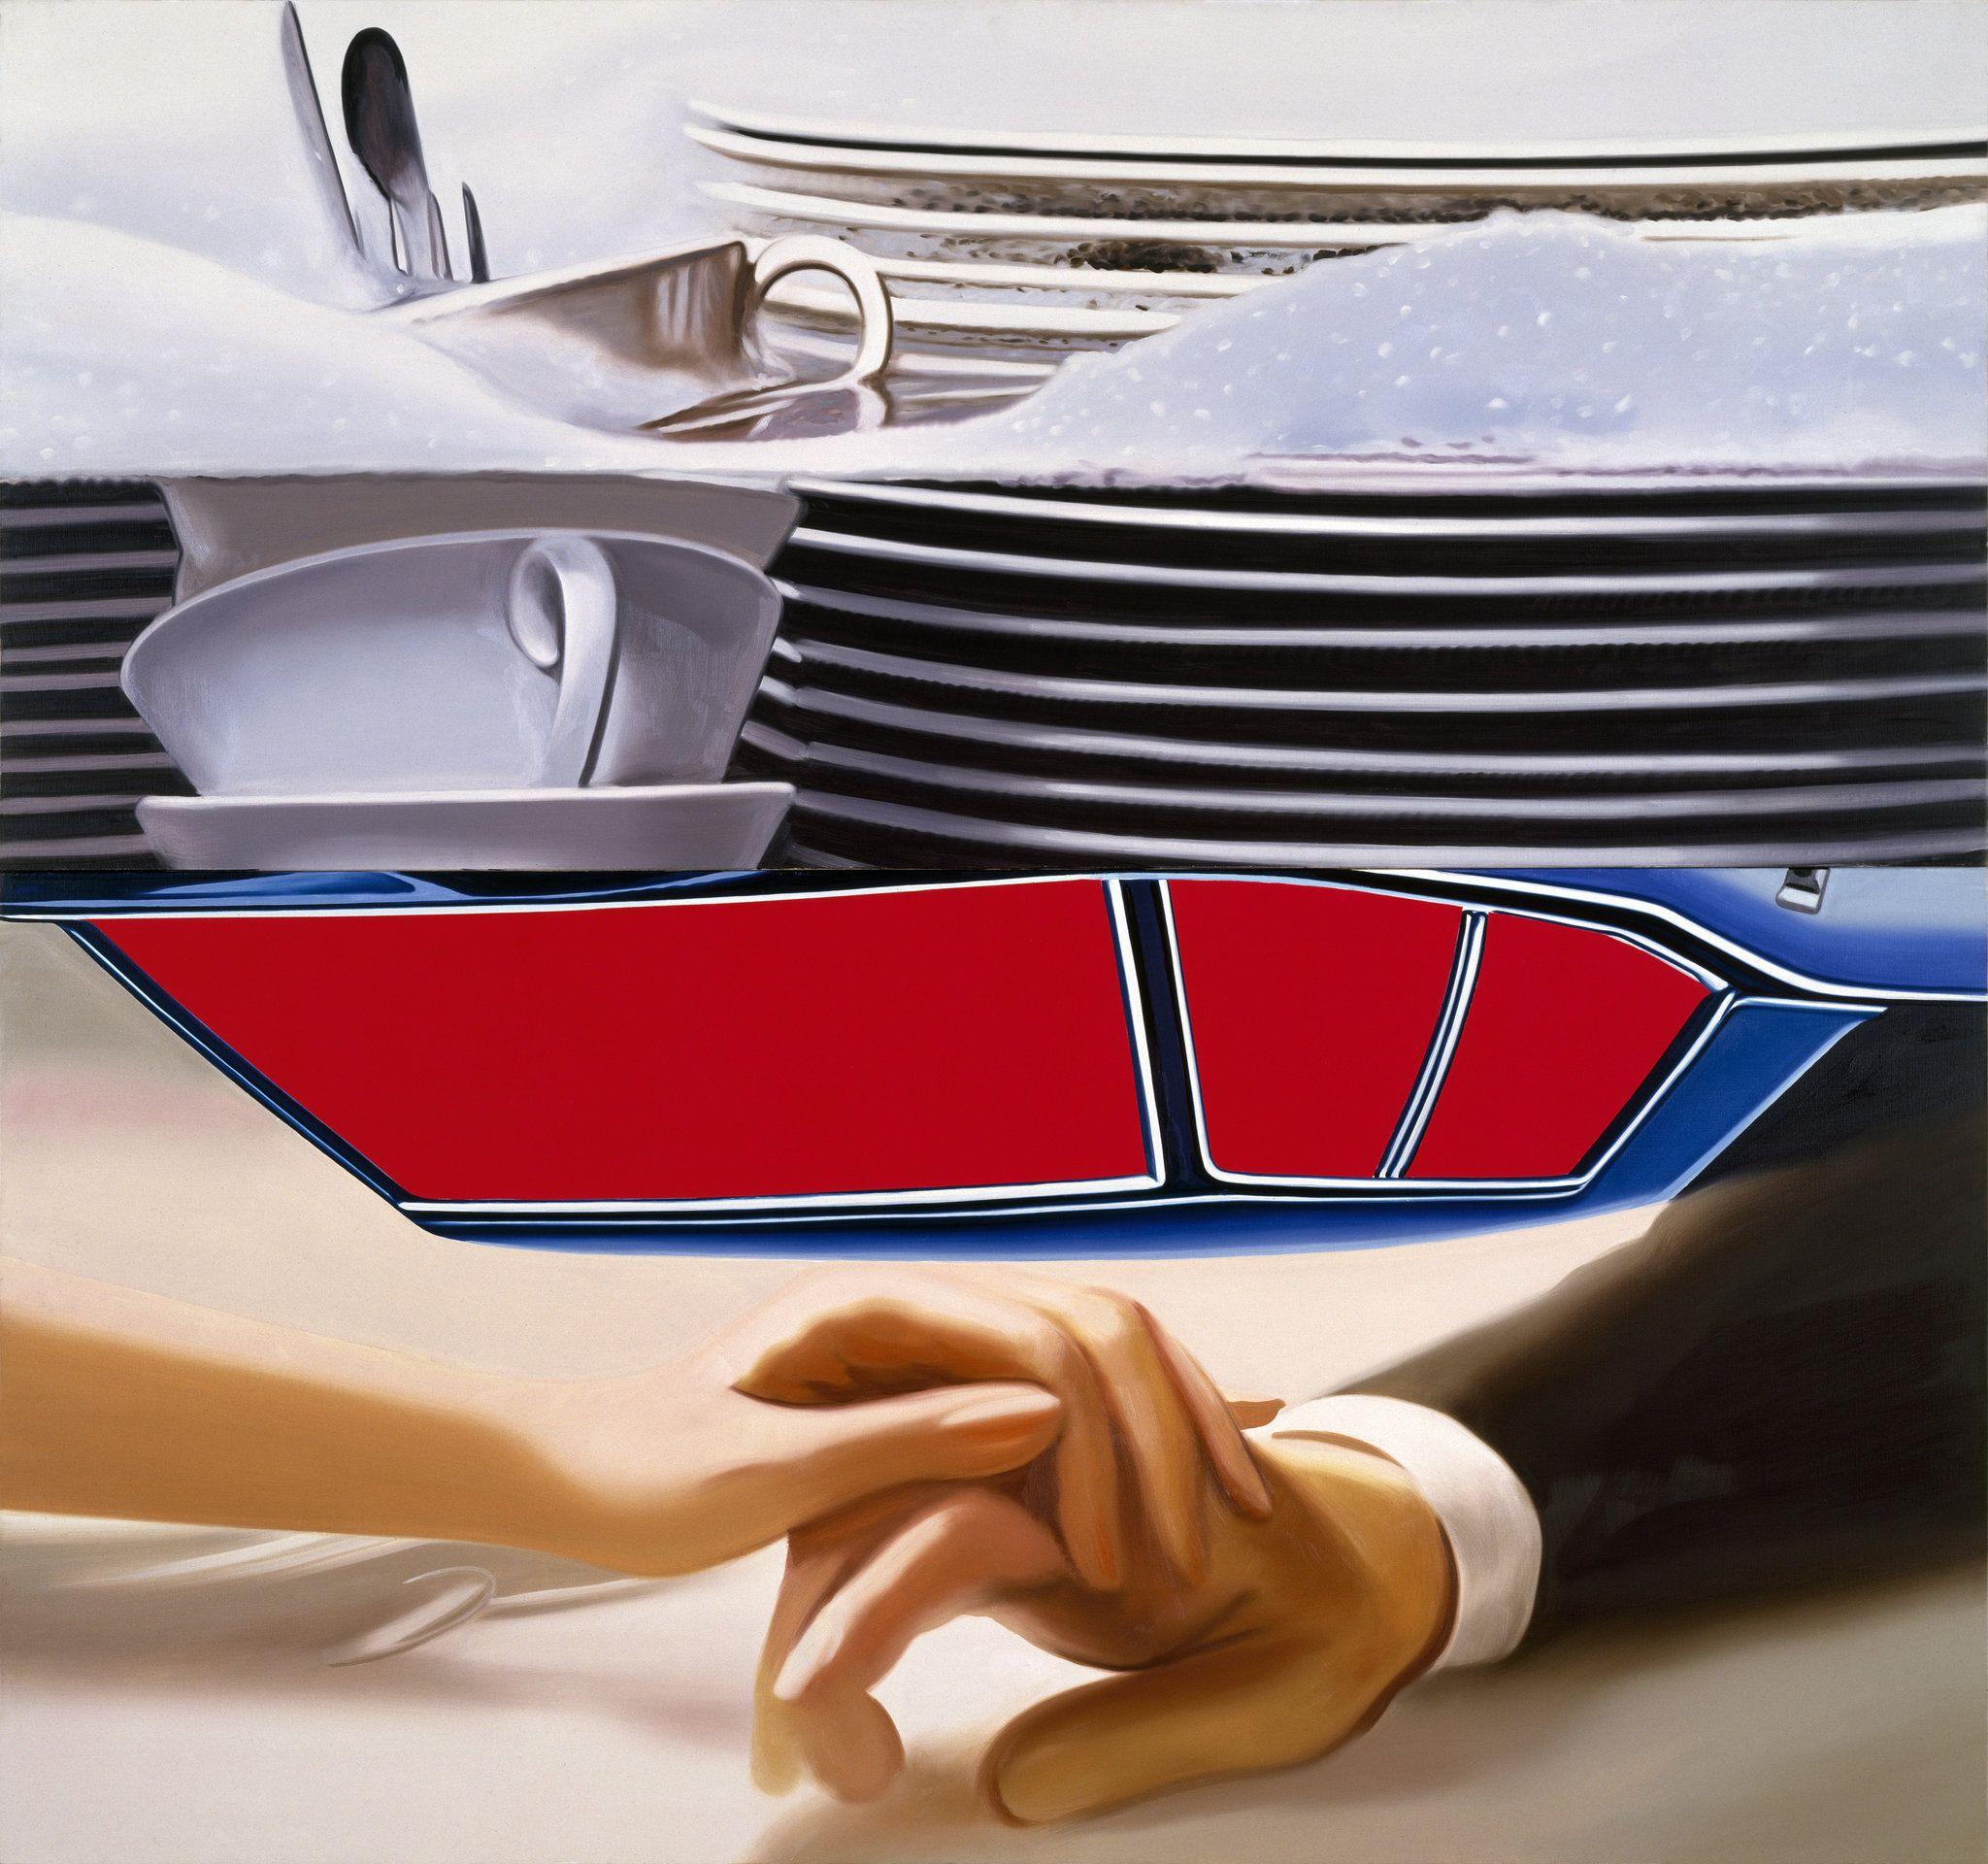 James Rosenquist helped define Pop Art in its 1960s heyday